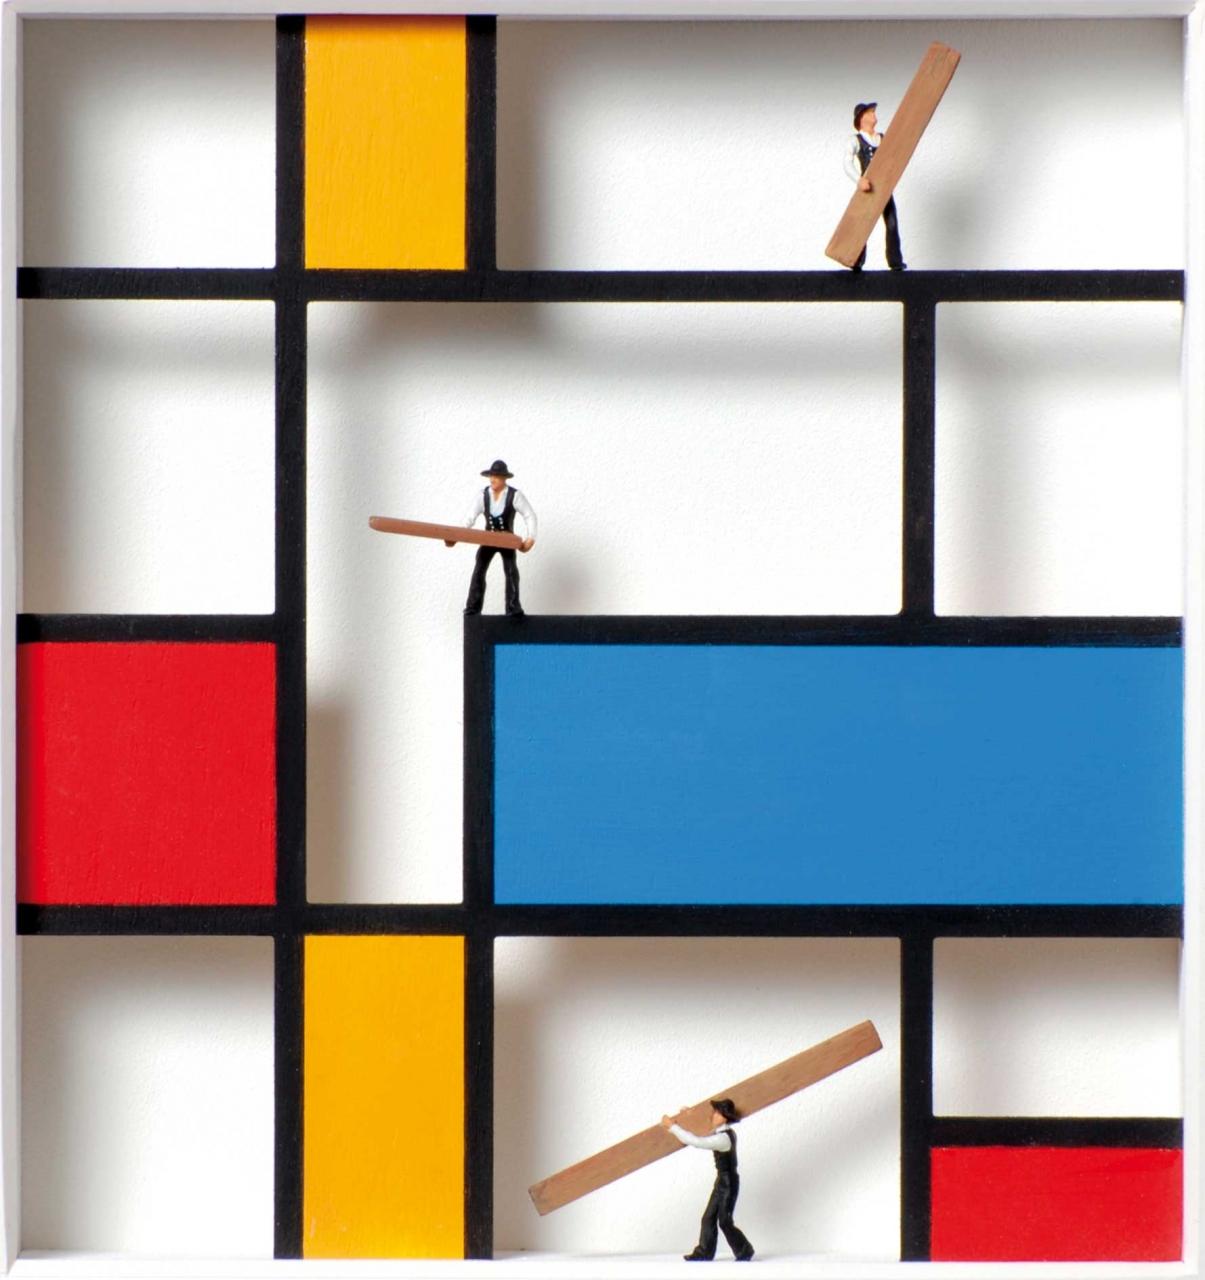 Homage to Piet Mondrian - Wir zimmern uns einen Mondrian